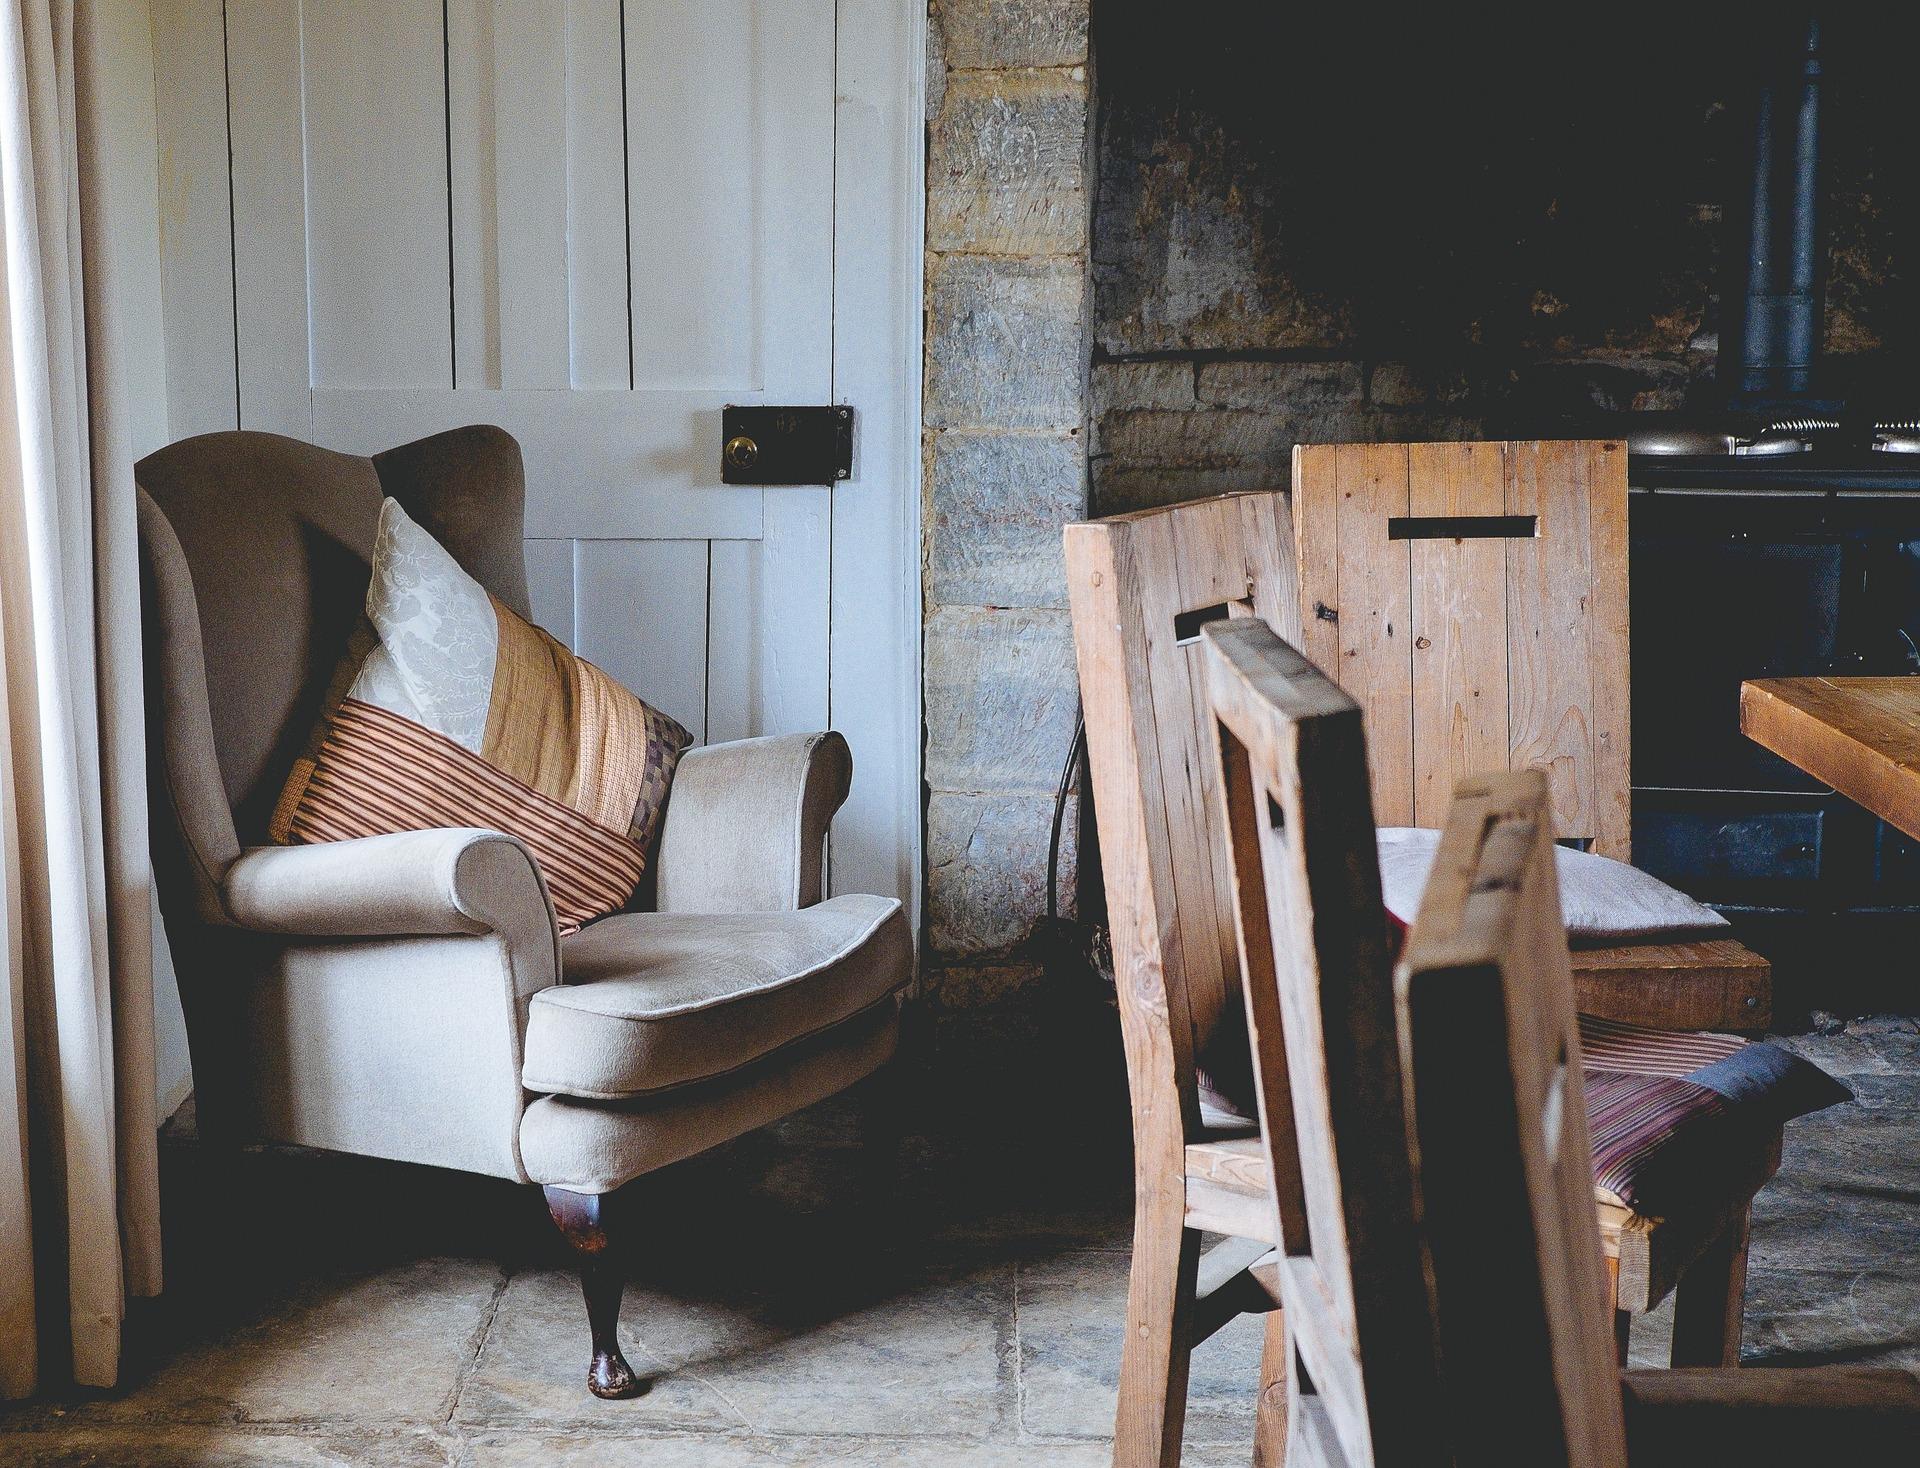 armchair-1031257_1920